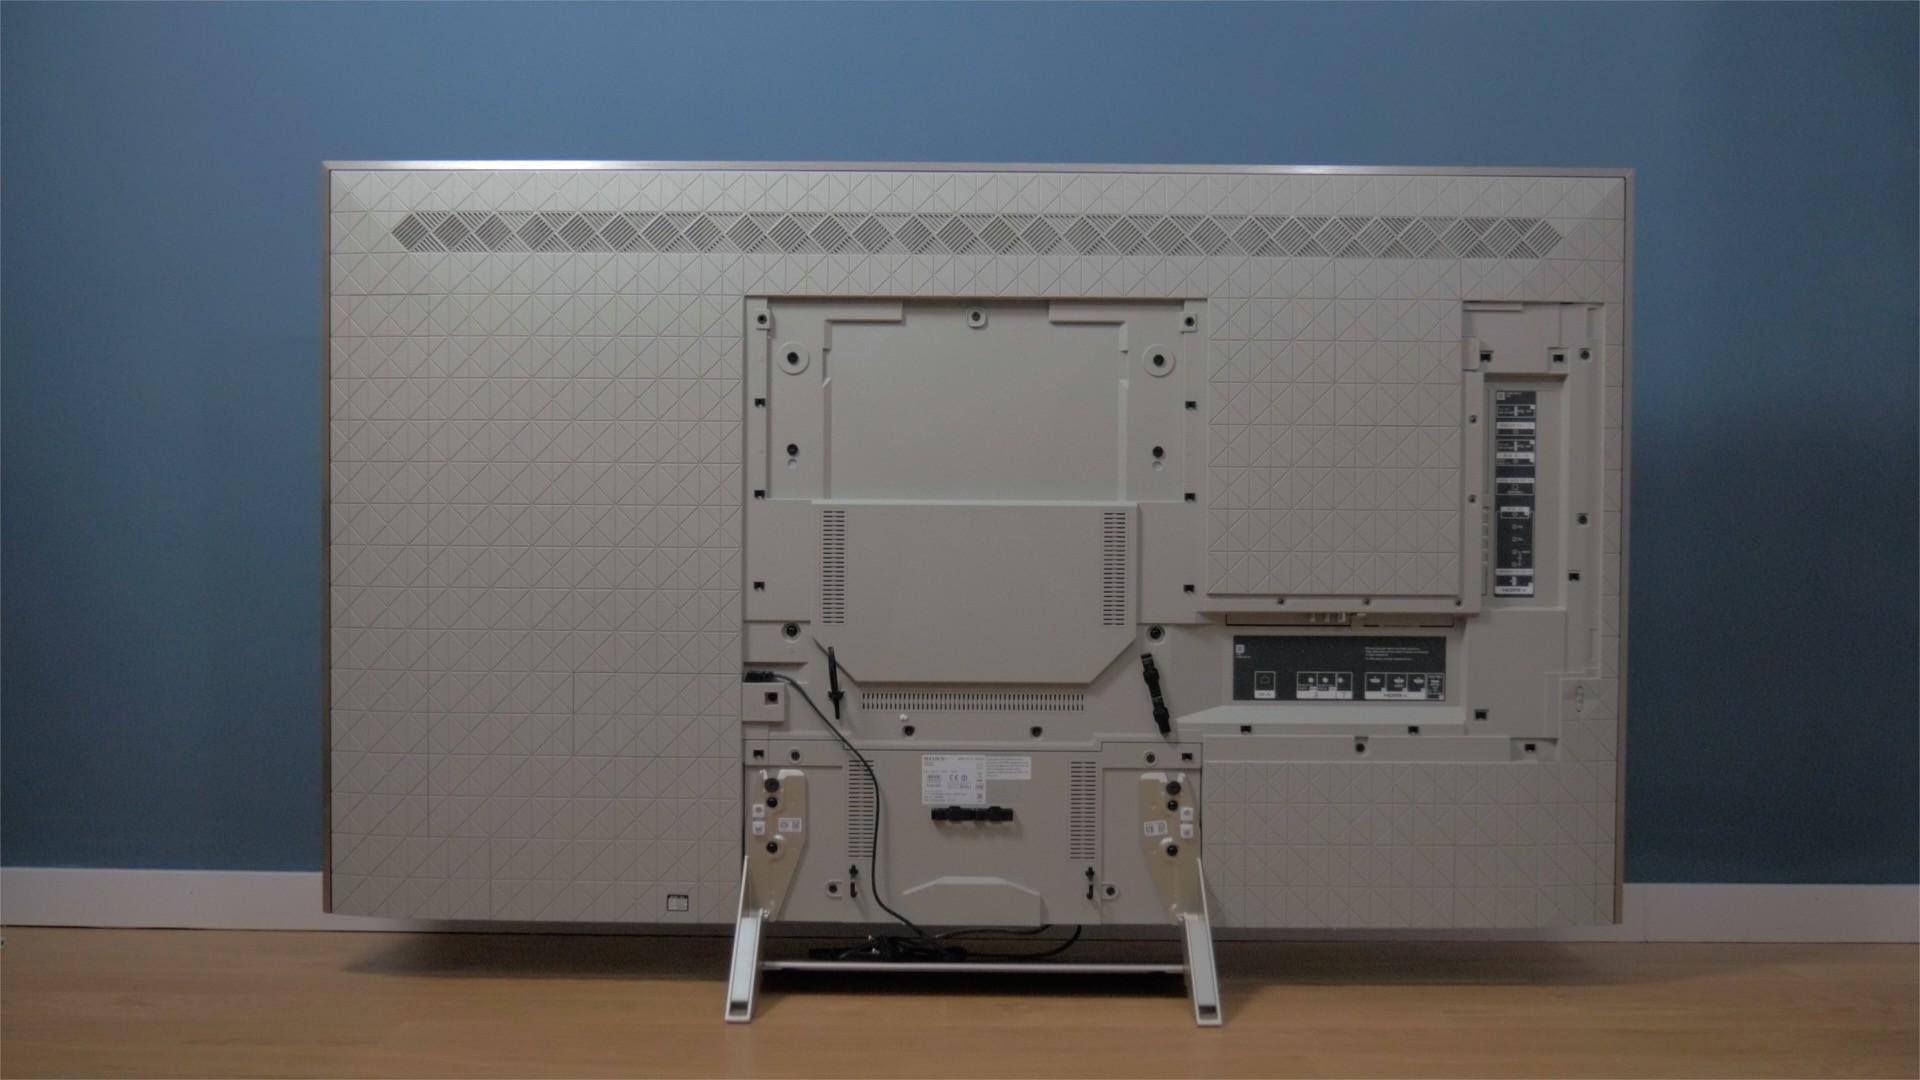 Sony XE9305